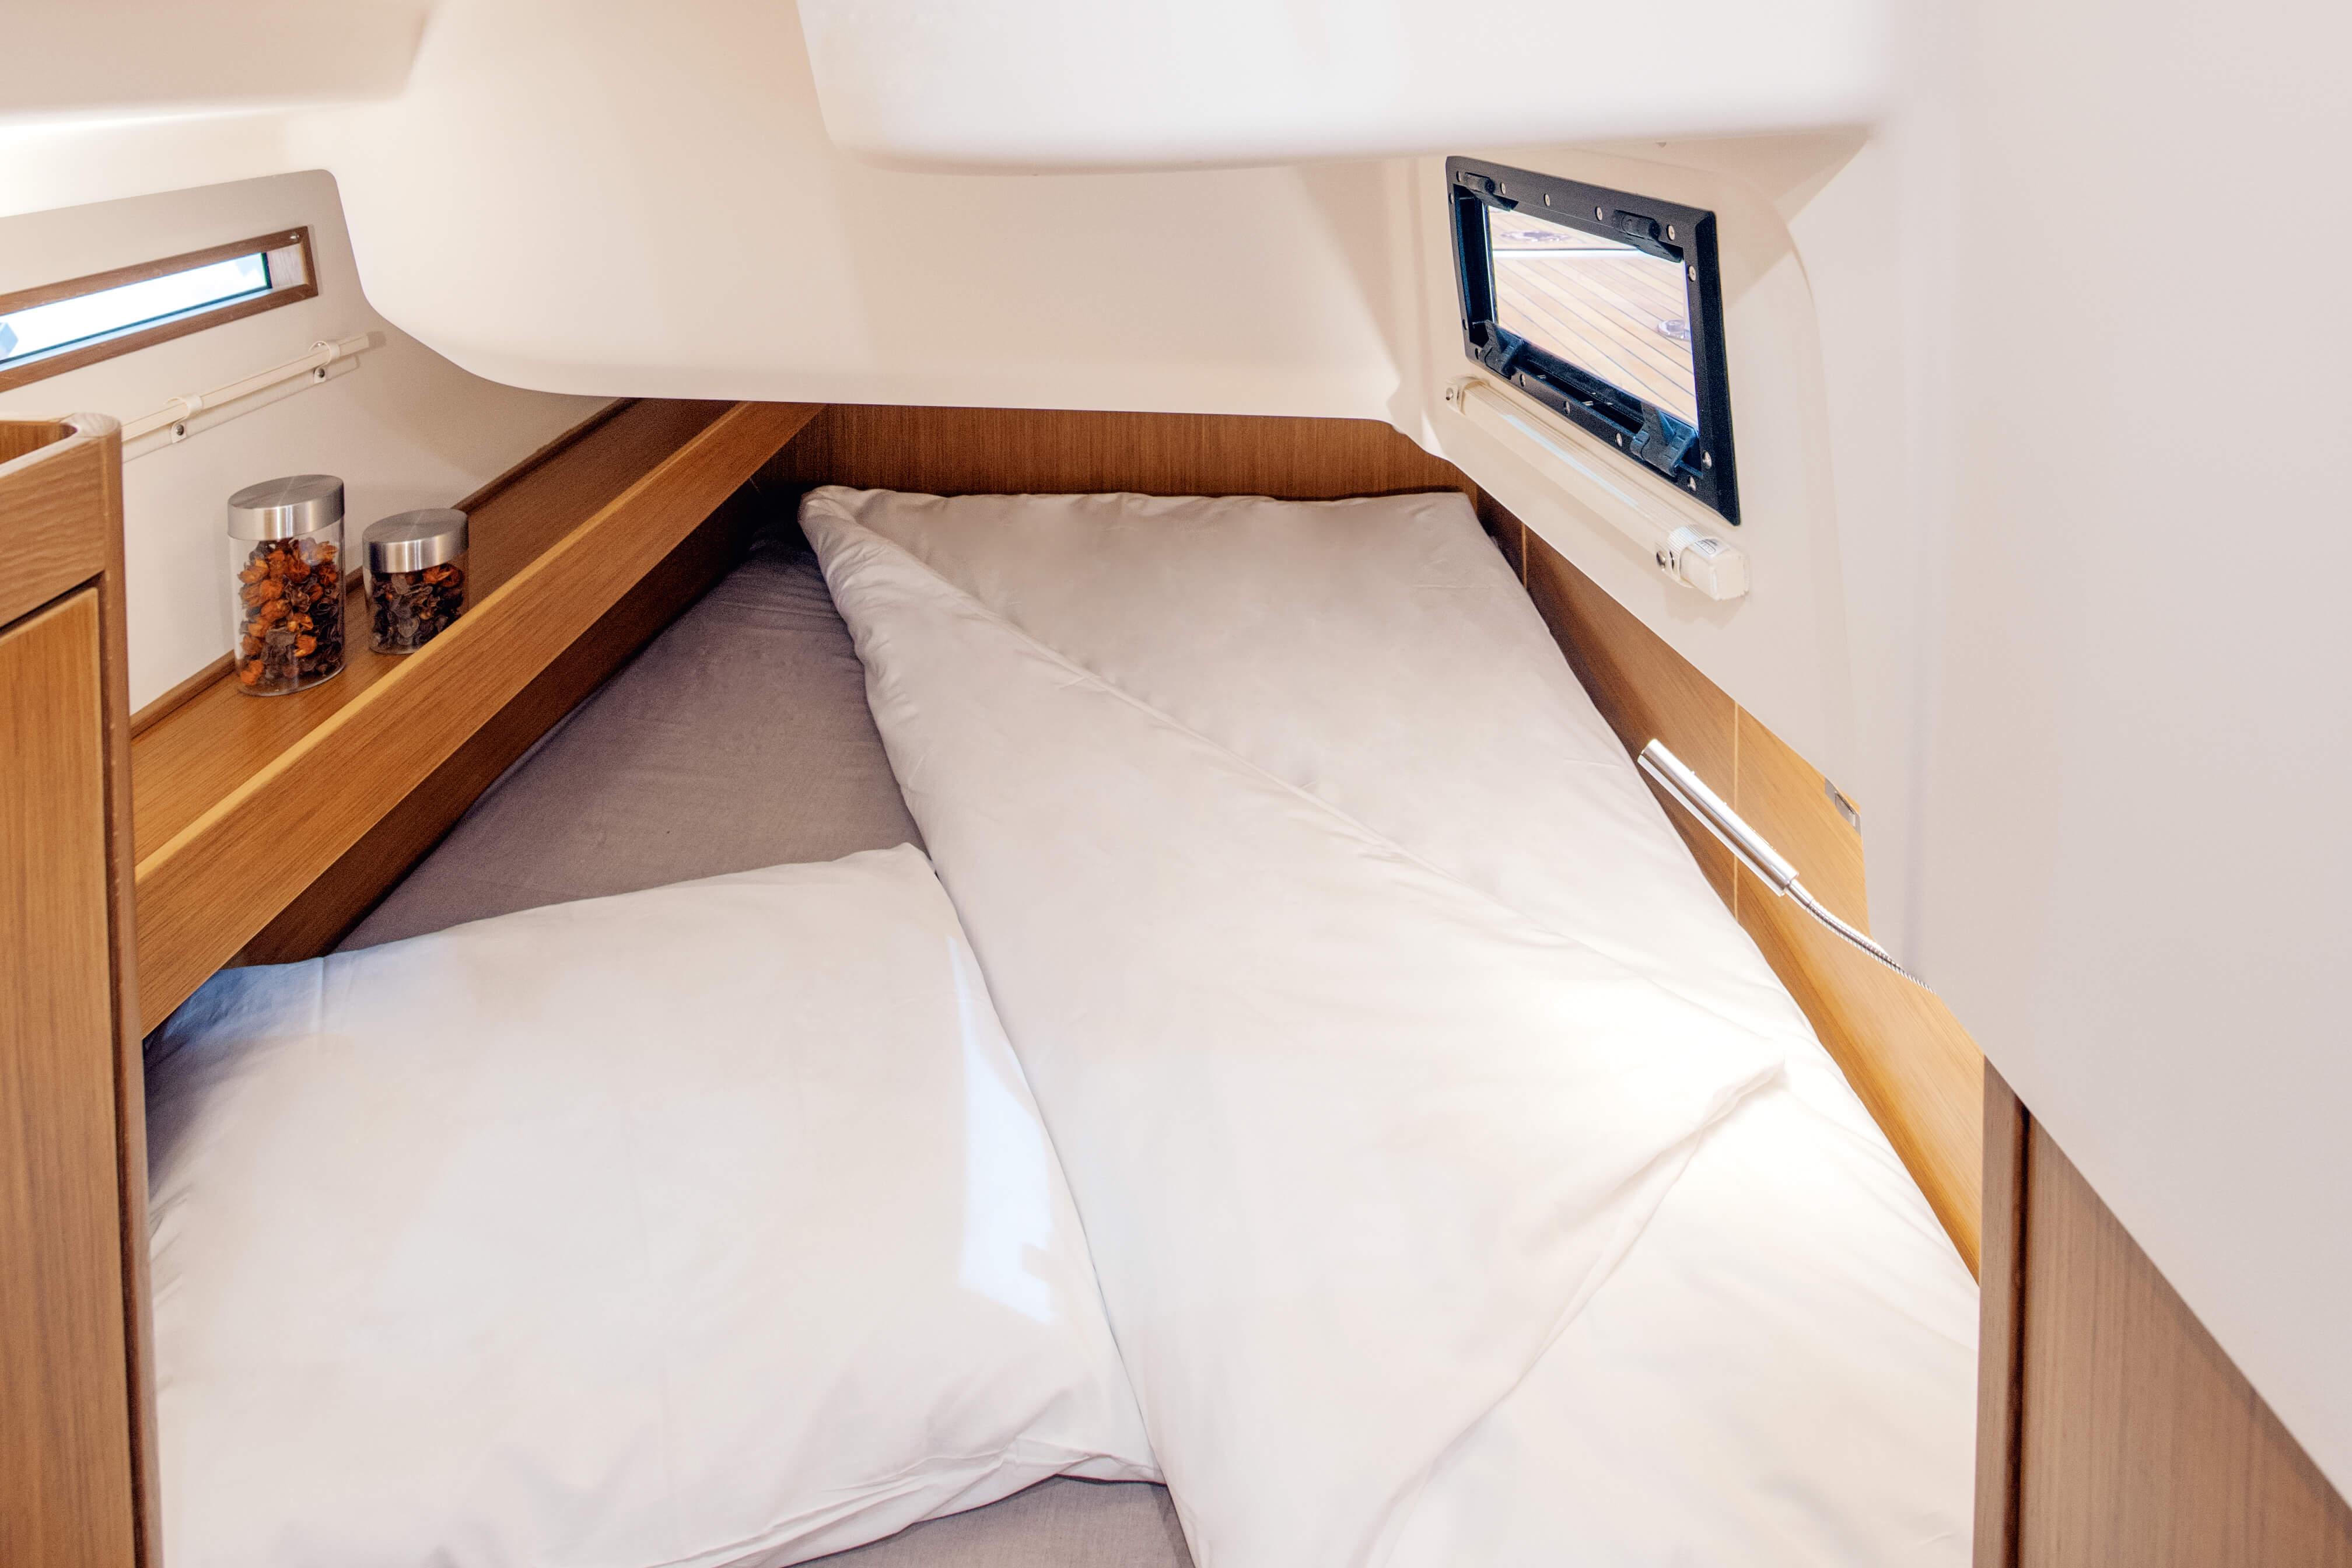 Dehler 42 Interno cabina di poppa | letto matrimoniale, finestra, vano portaoggetti, mensola | Dehler